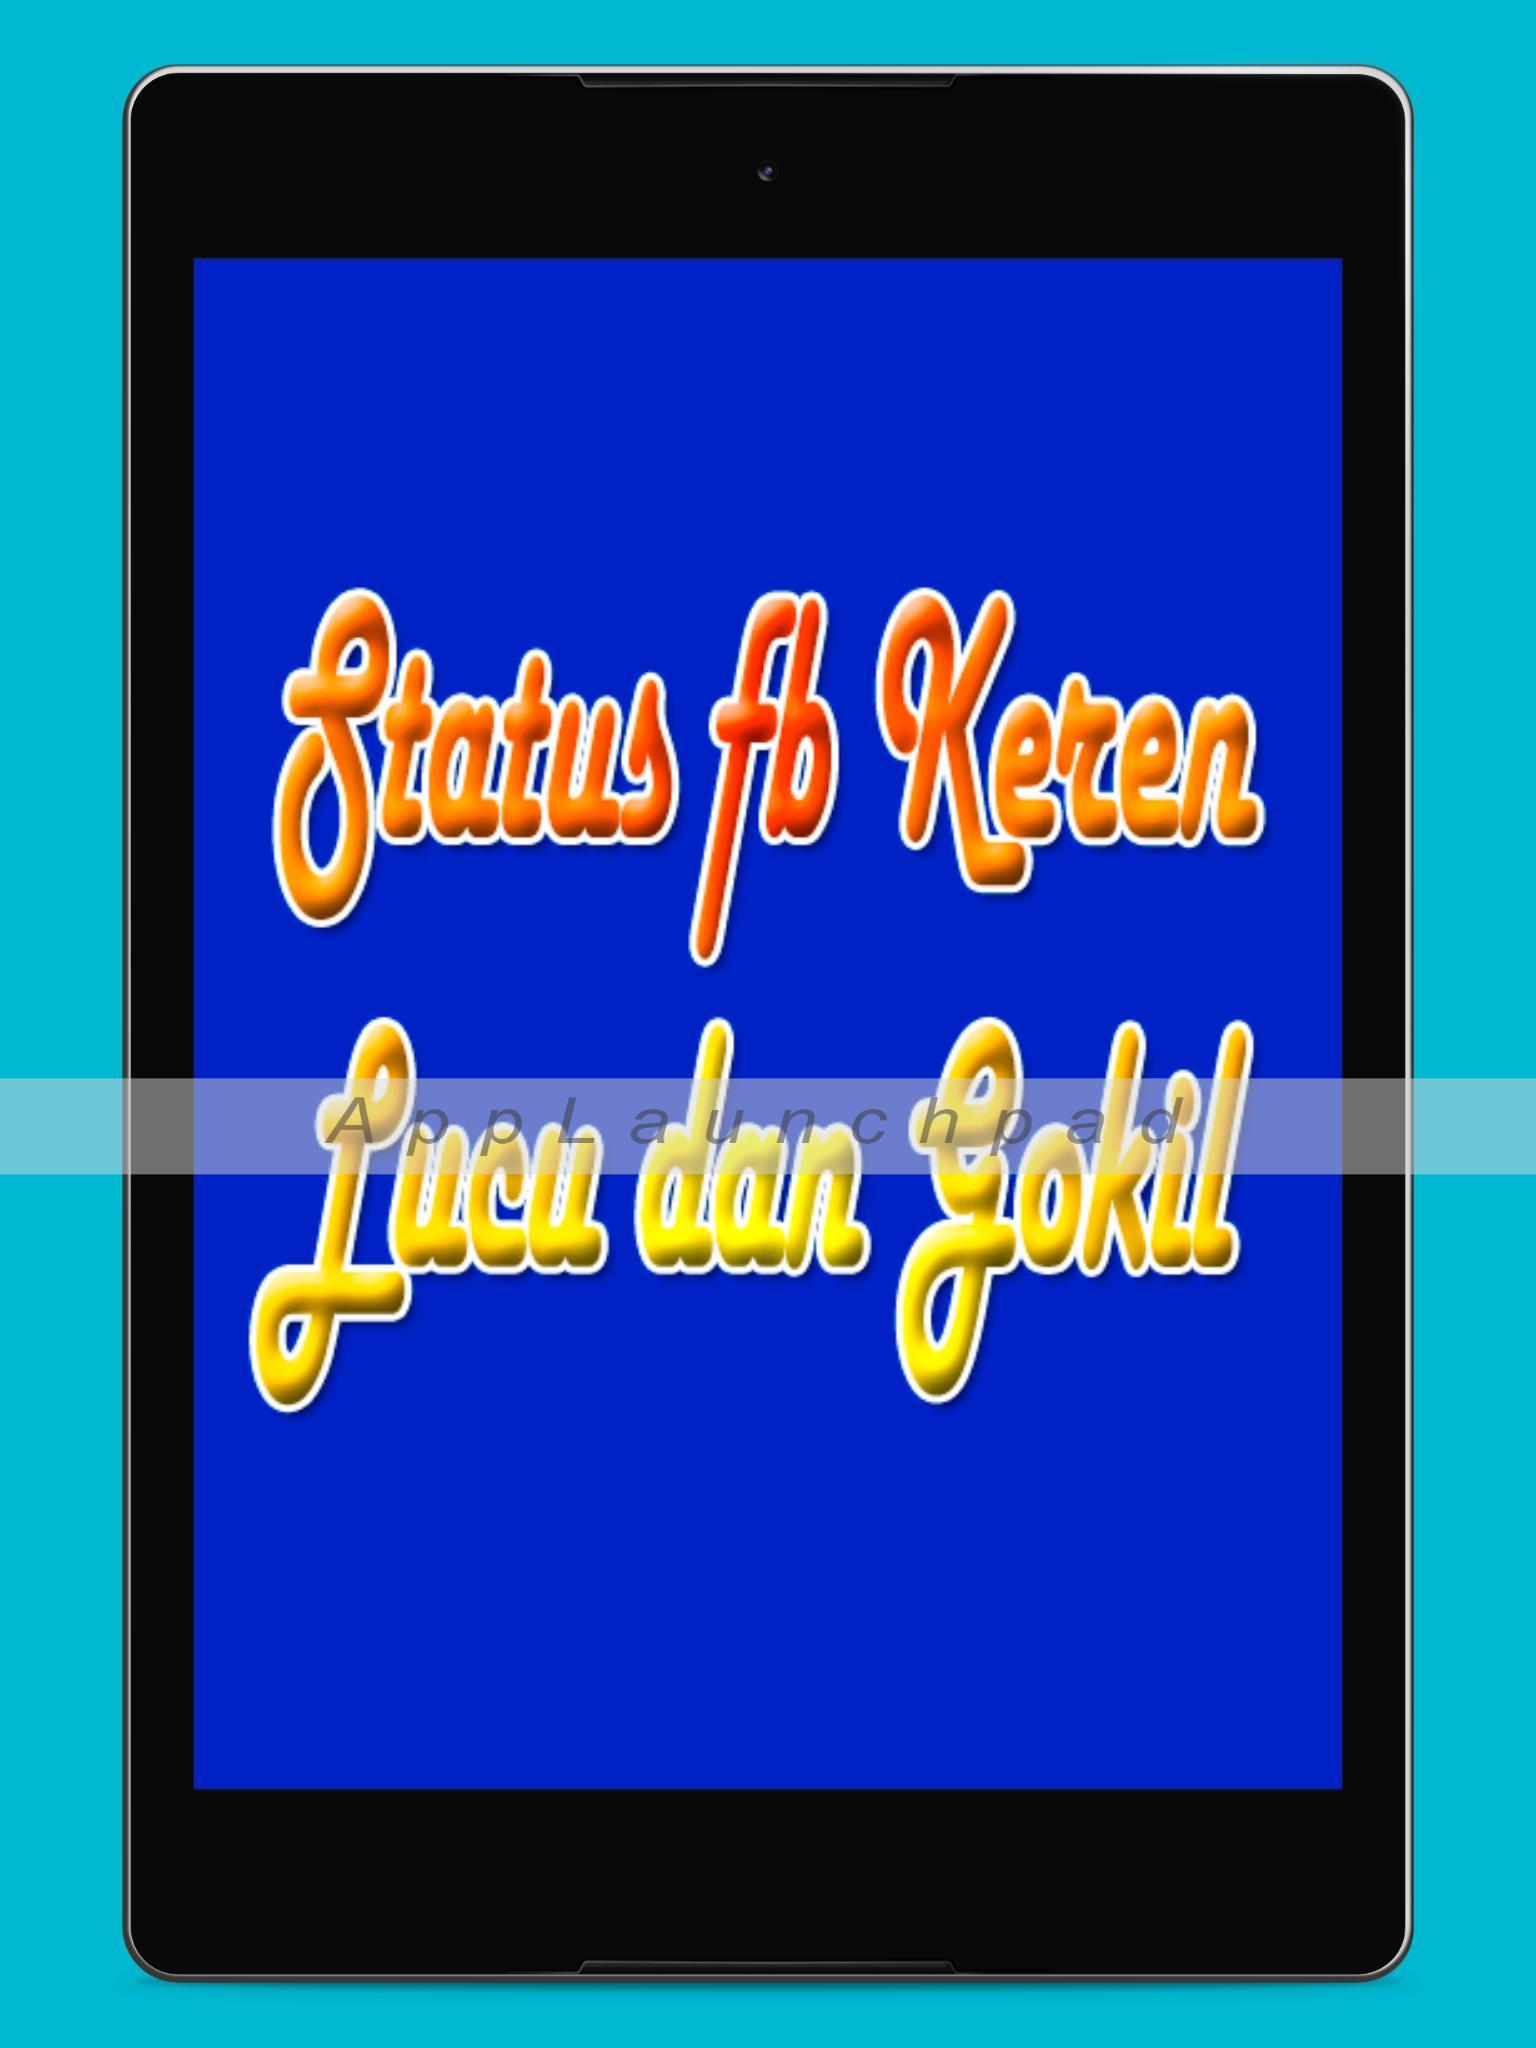 Status Fb Keren Lucu Dan Gokil For Android APK Download